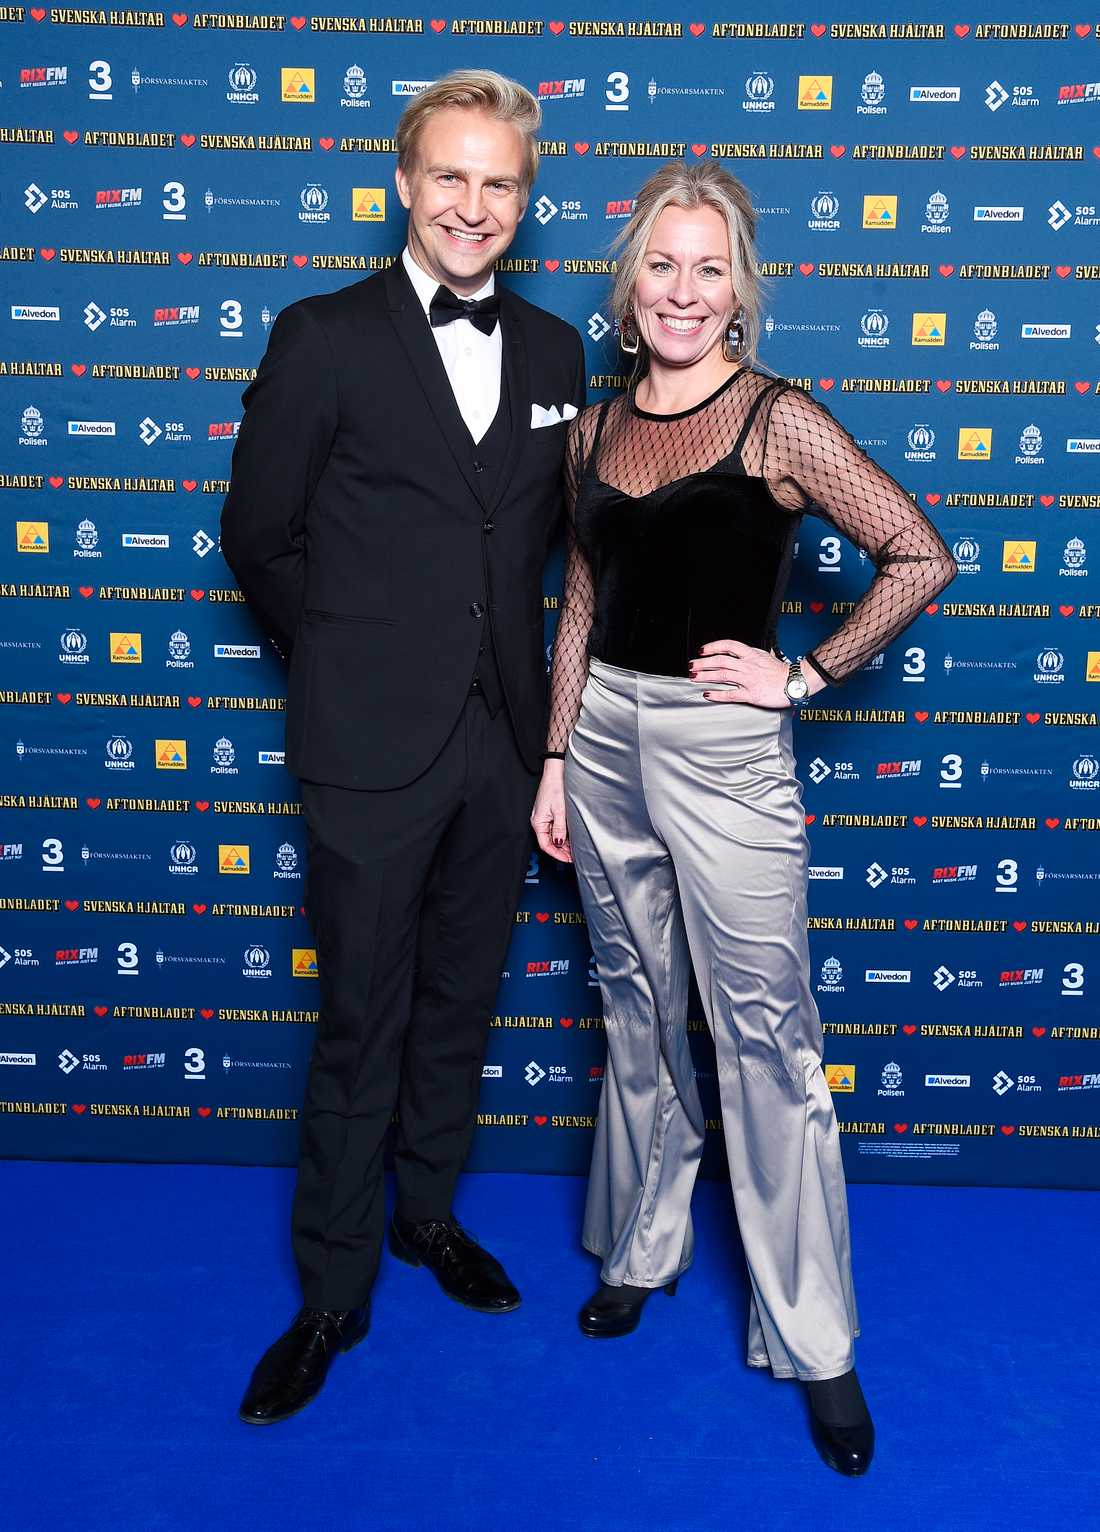 Programledarna Janne Grönroos och Maria Bjaring.